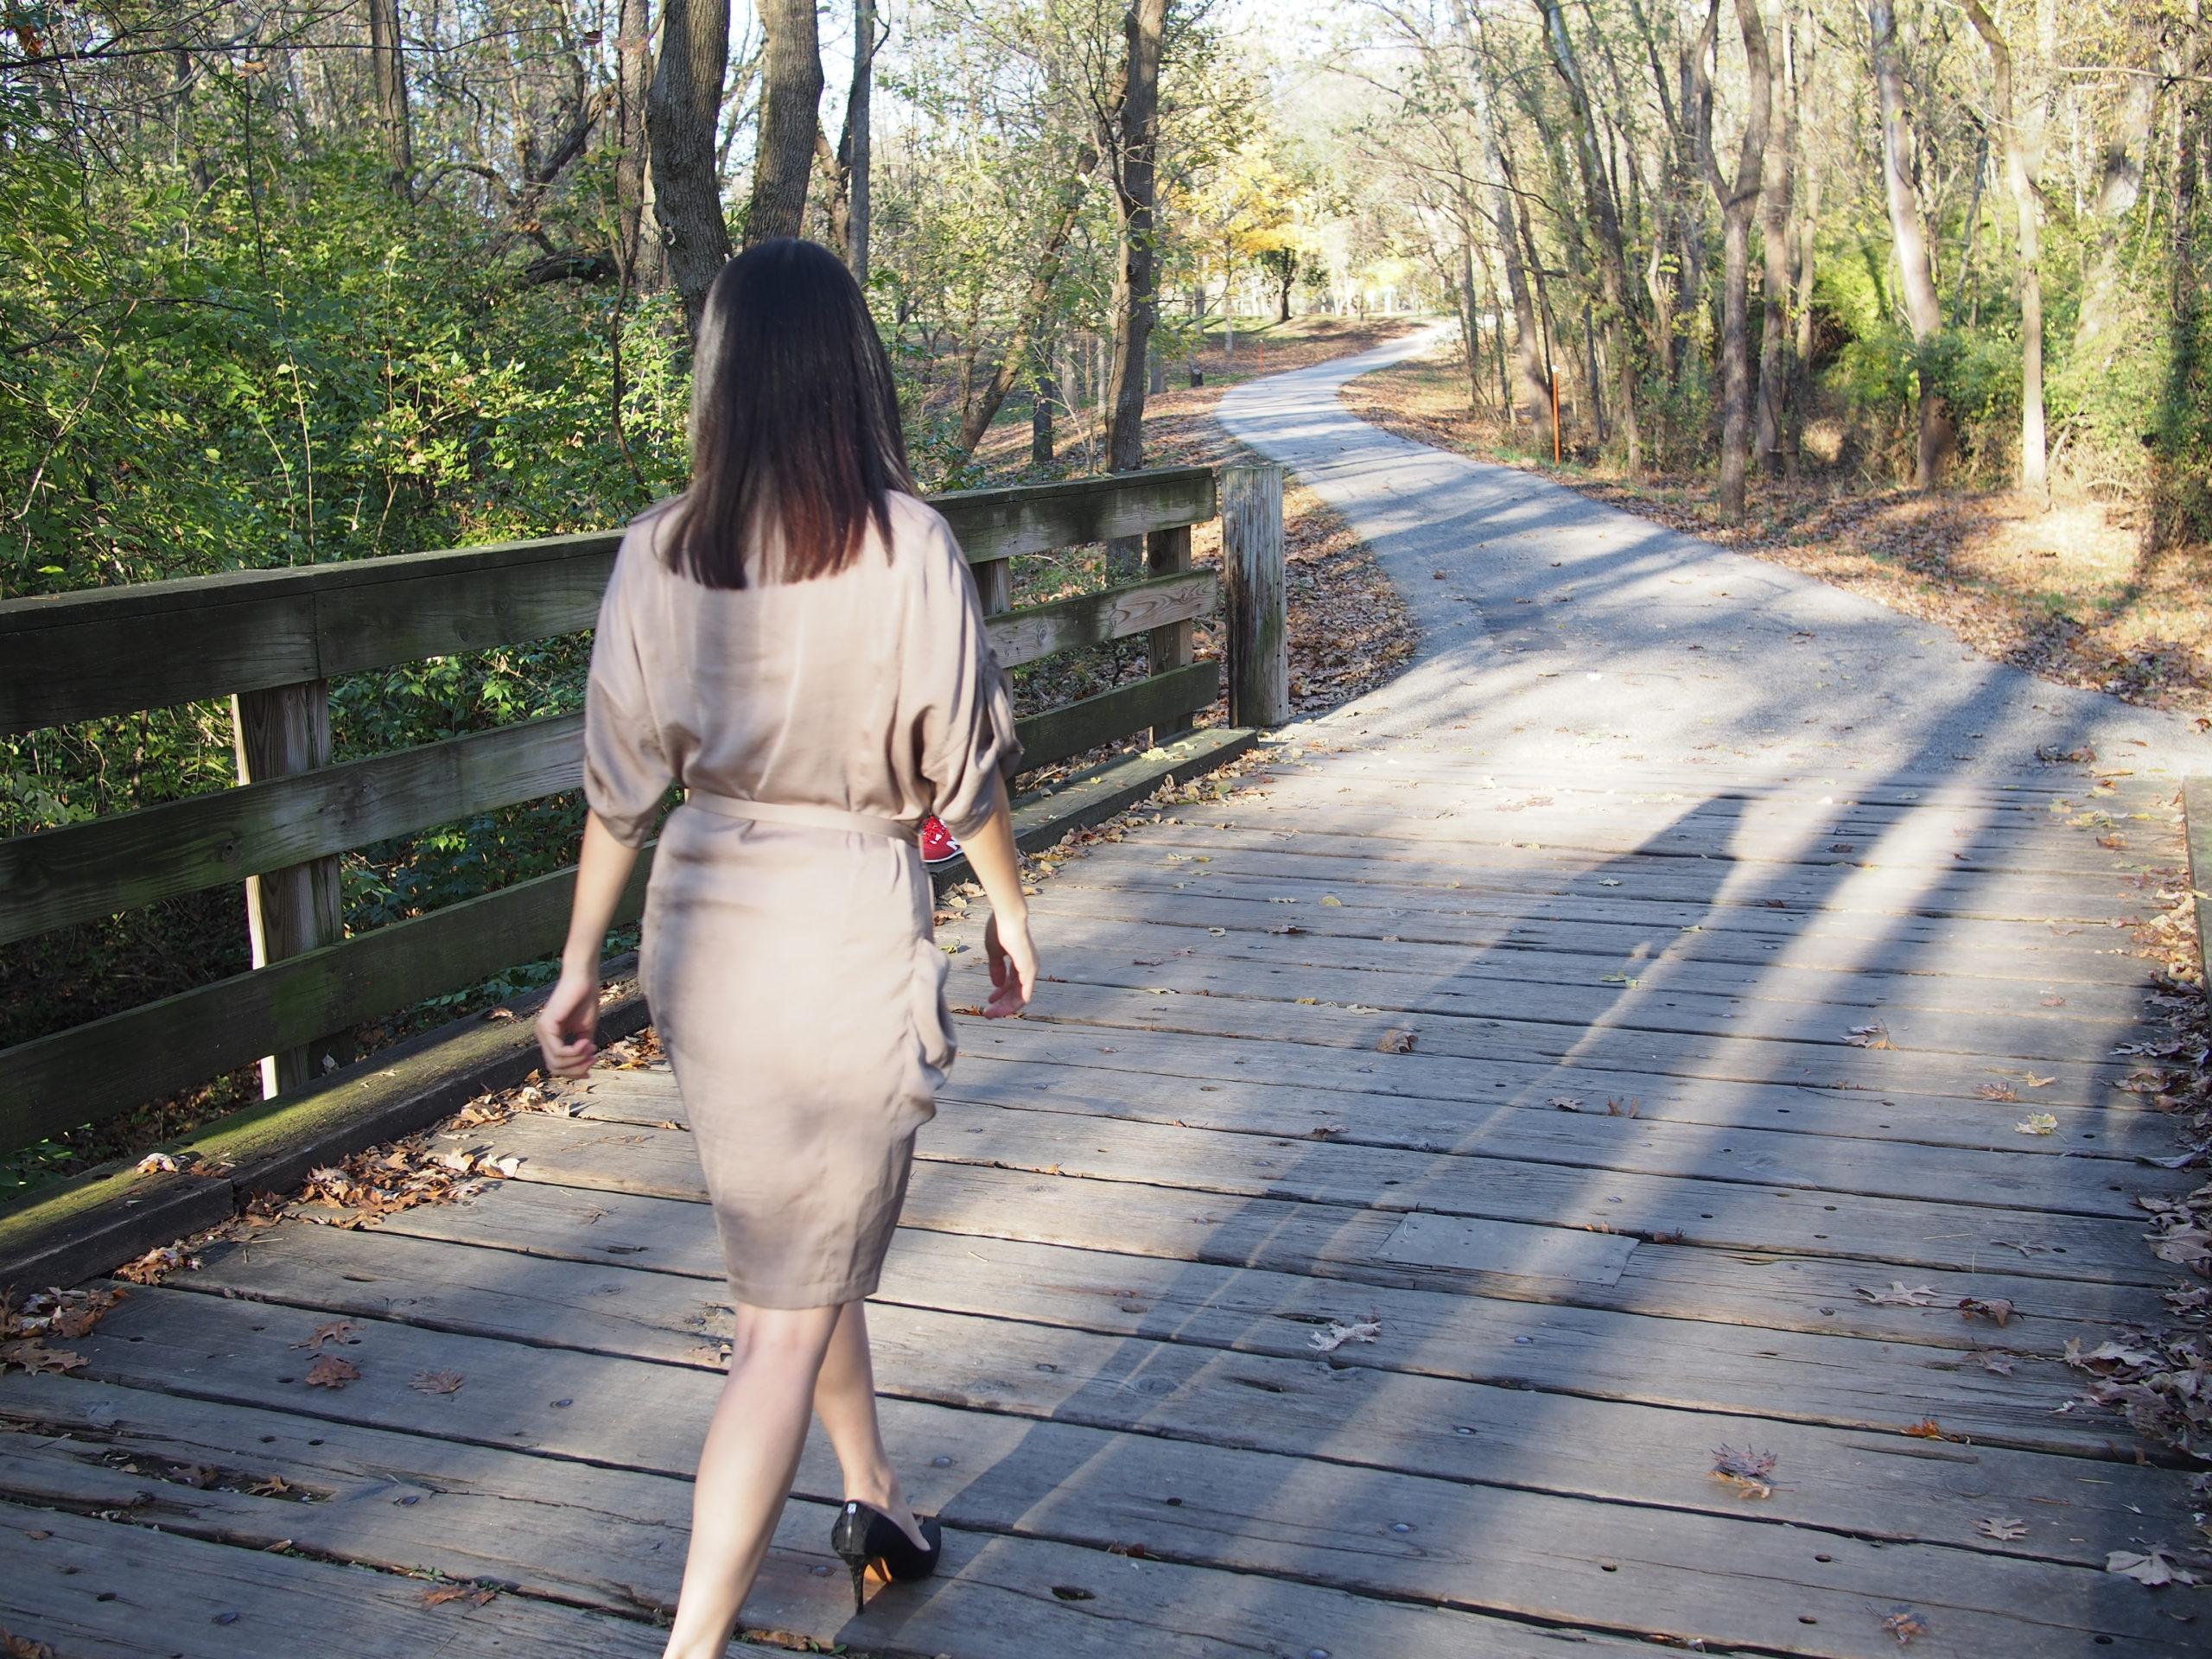 Jill Walking On Bridge